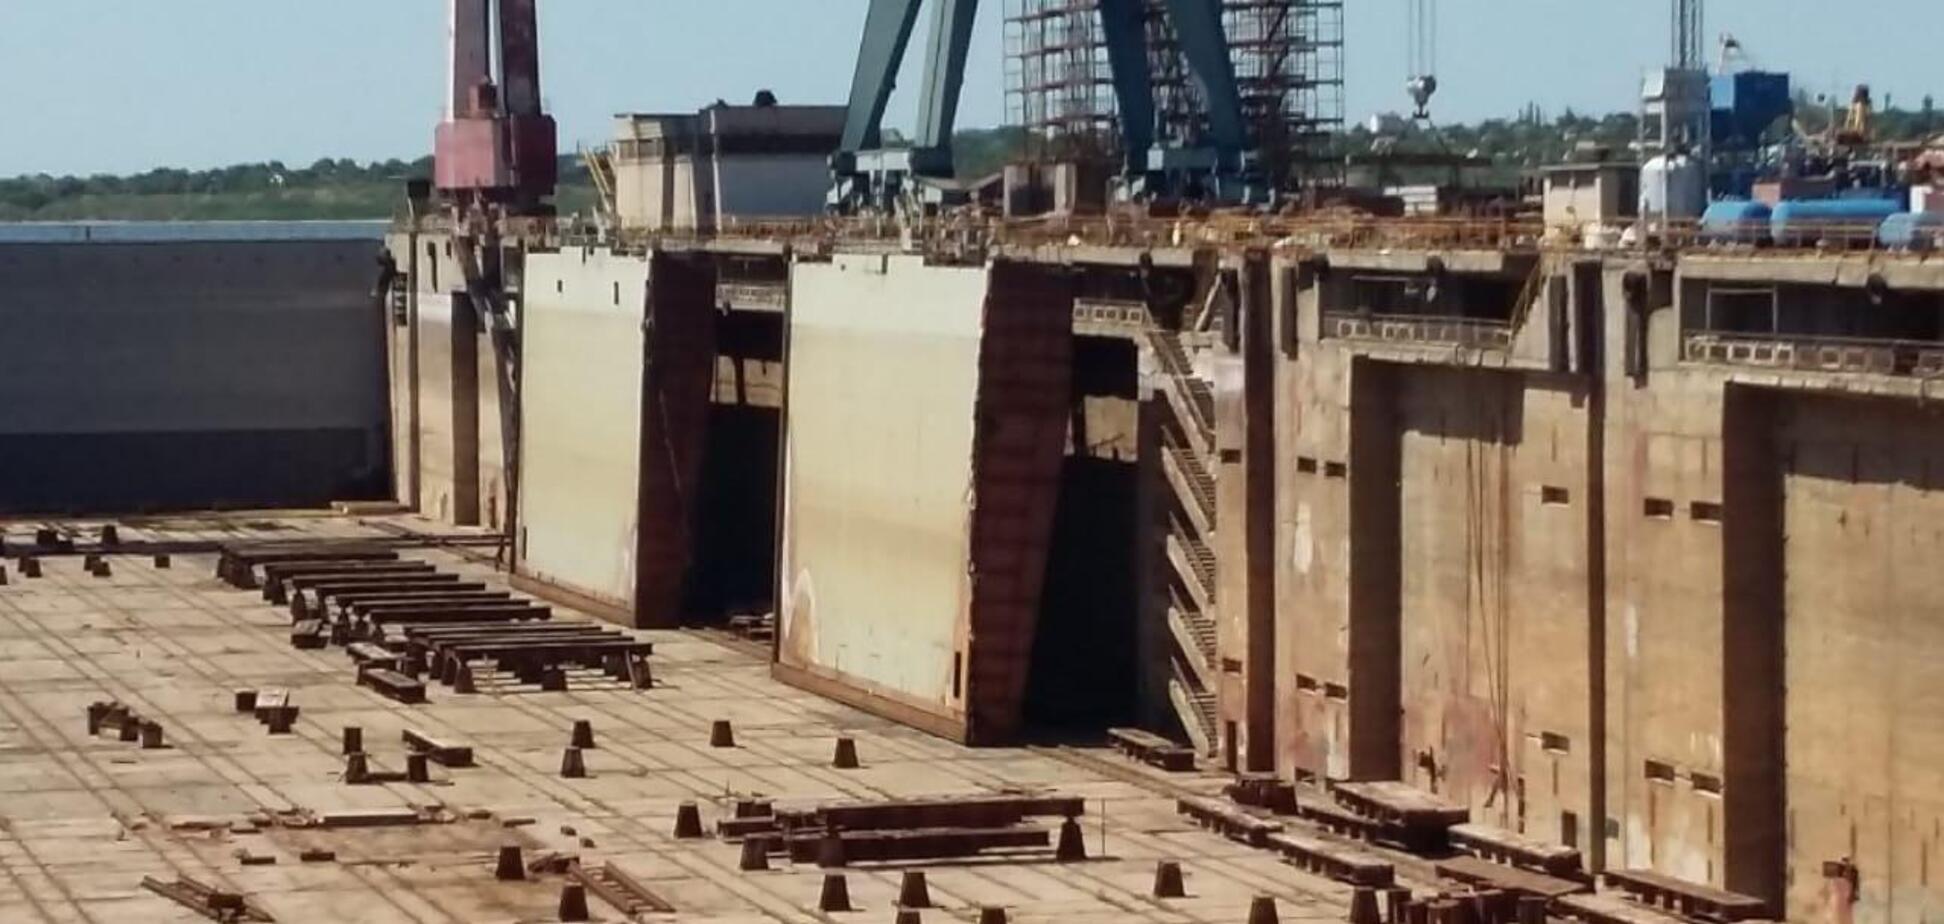 Нардеп Скороход просит правоохранителей остановить разграбление Николаевского судостроительного завода 'Океан'